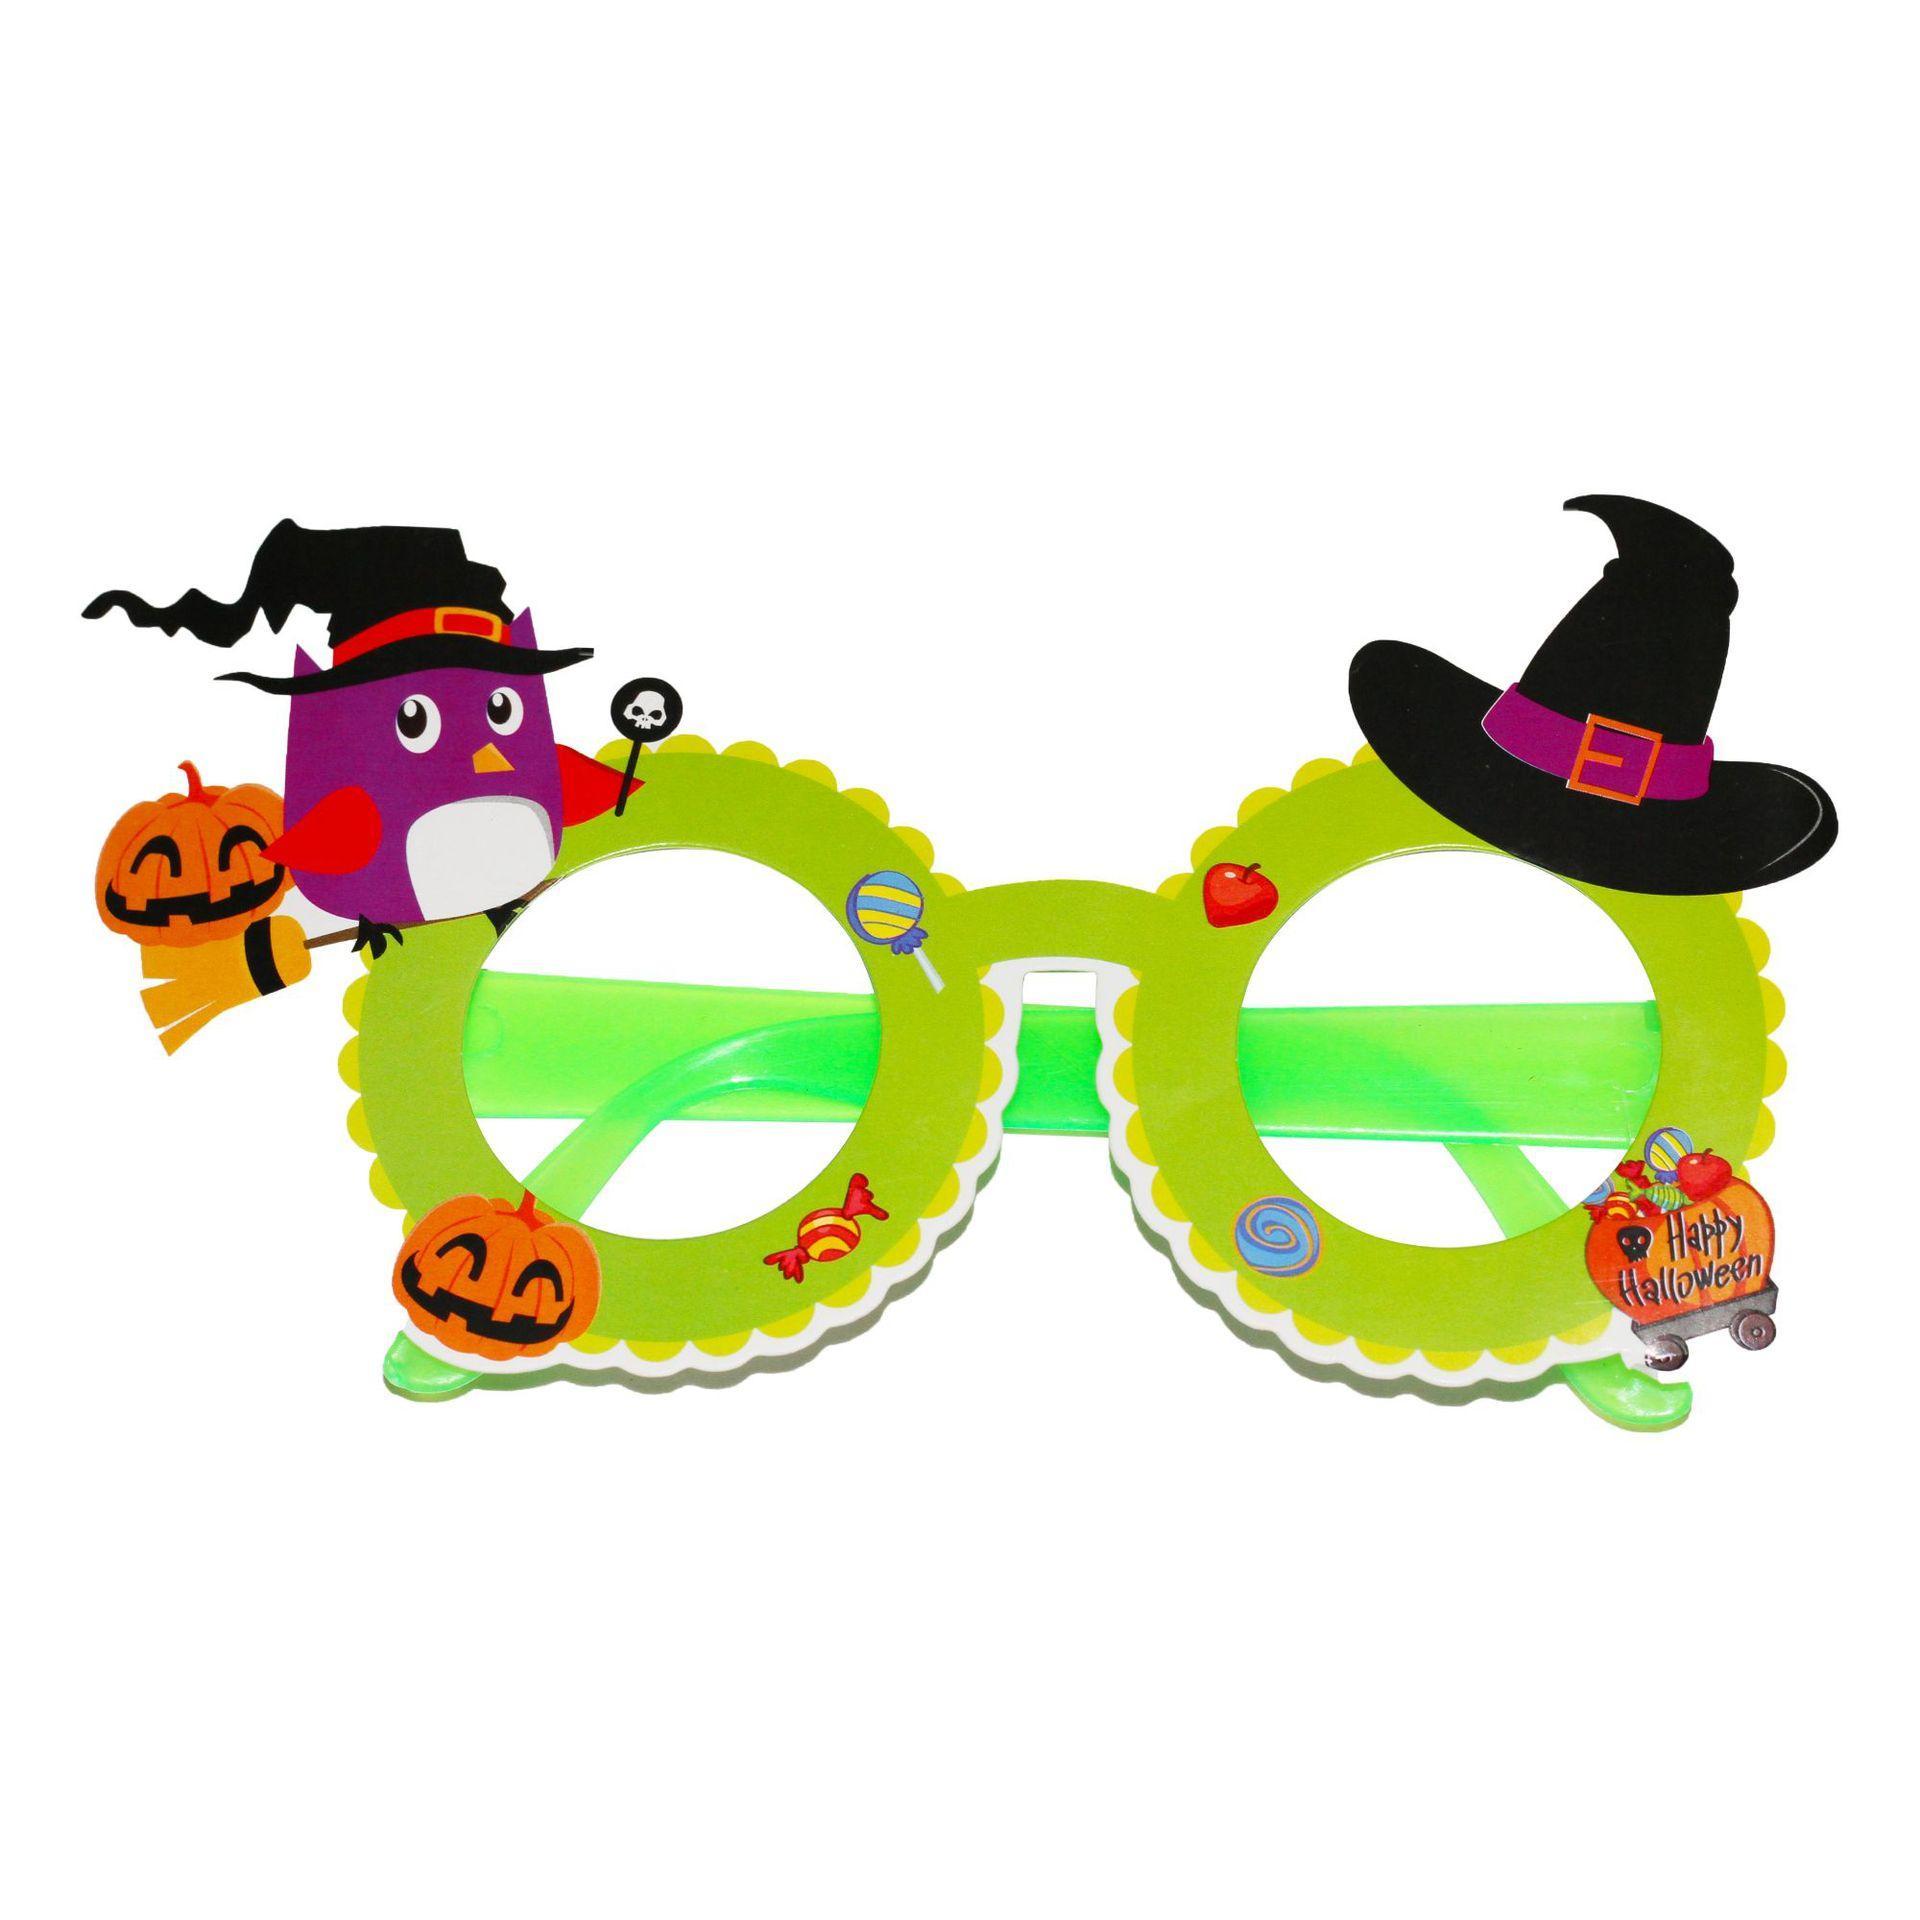 مبالغ فيه هالوين نظارات كبيرة مضحك زجاج حزب هالوين الدعائم ديكورات الإبداعية الشخصية مضحك نظارات محاكاة ساخرة ألعاب GGA2685